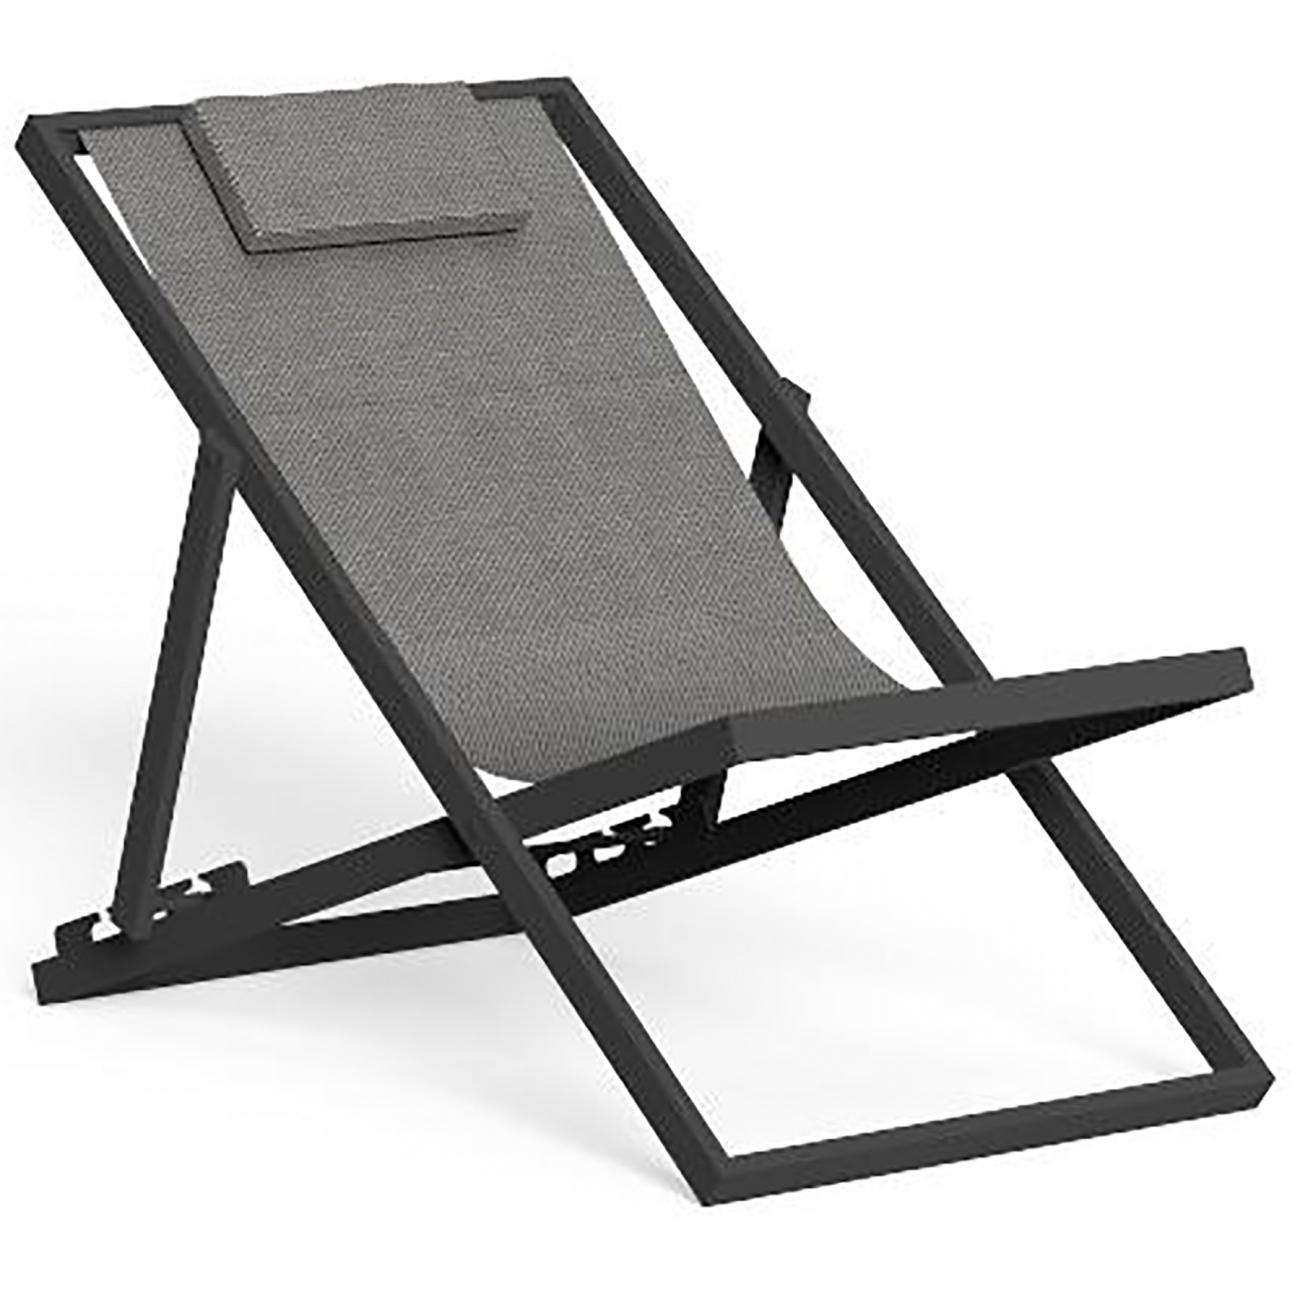 Talenti Touch deck chair